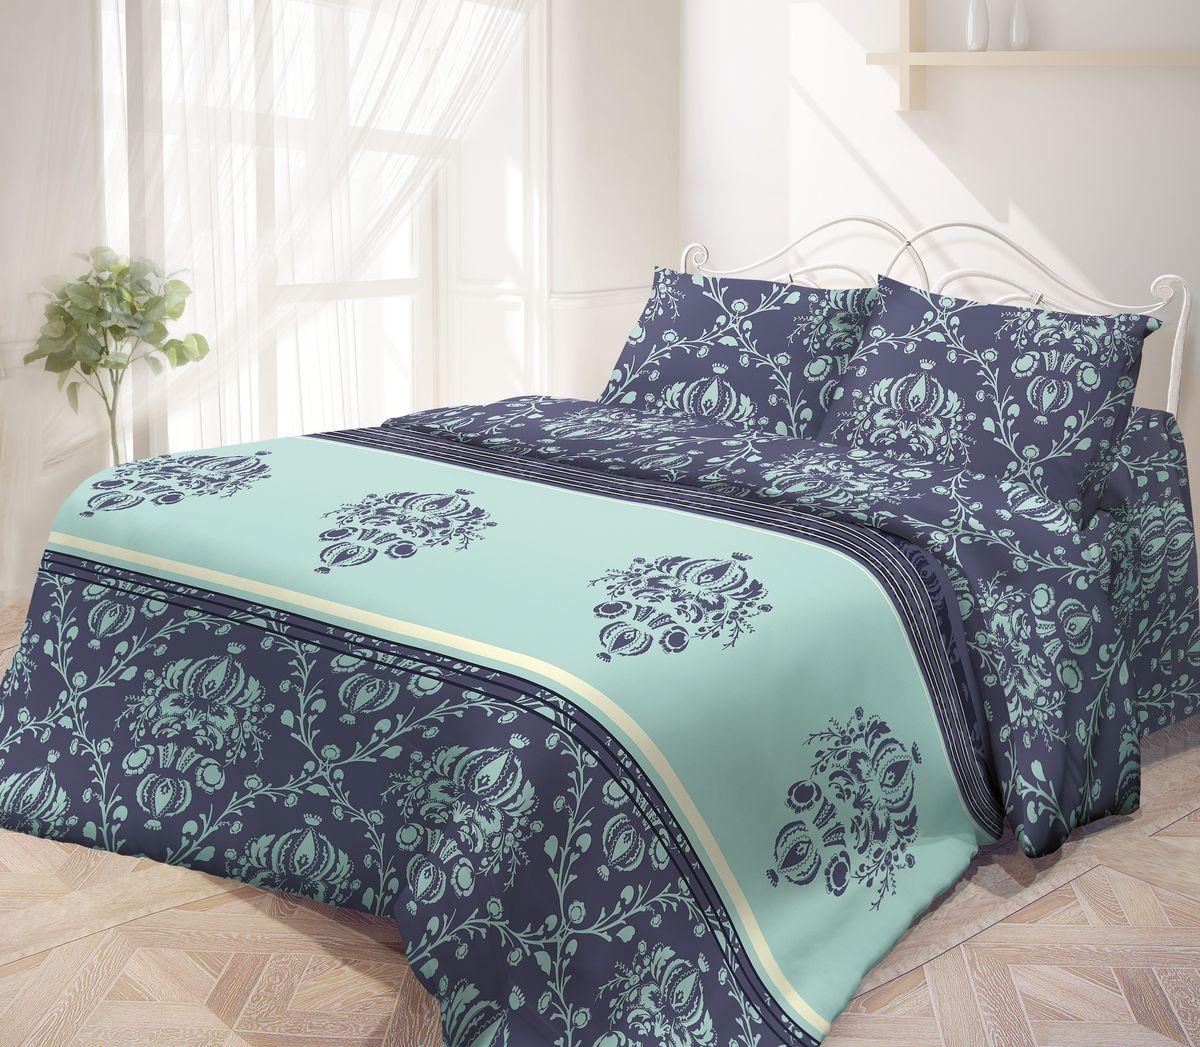 Комплект белья Гармония, семейный, наволочки 70х70, цвет: темно-синий, голубойS03301004Комплект постельного белья Гармония является экологически безопасным, так как выполнен из поплина (100% хлопка). Комплект состоит из двух пододеяльников, простыни и двух наволочек. Постельное белье оформлено красивым орнаментом и имеет изысканный внешний вид. Постельное белье Гармония - лучший выбор для современной хозяйки! Его отличают демократичная цена и отличное качество. Поплин мягкий и приятный на ощупь. Кроме того, эта ткань не требует особого ухода, легко стирается и прекрасно держит форму. Высококачественные красители, которые используются при производстве постельного белья, сохраняют свой цвет даже после многочисленных стирок.